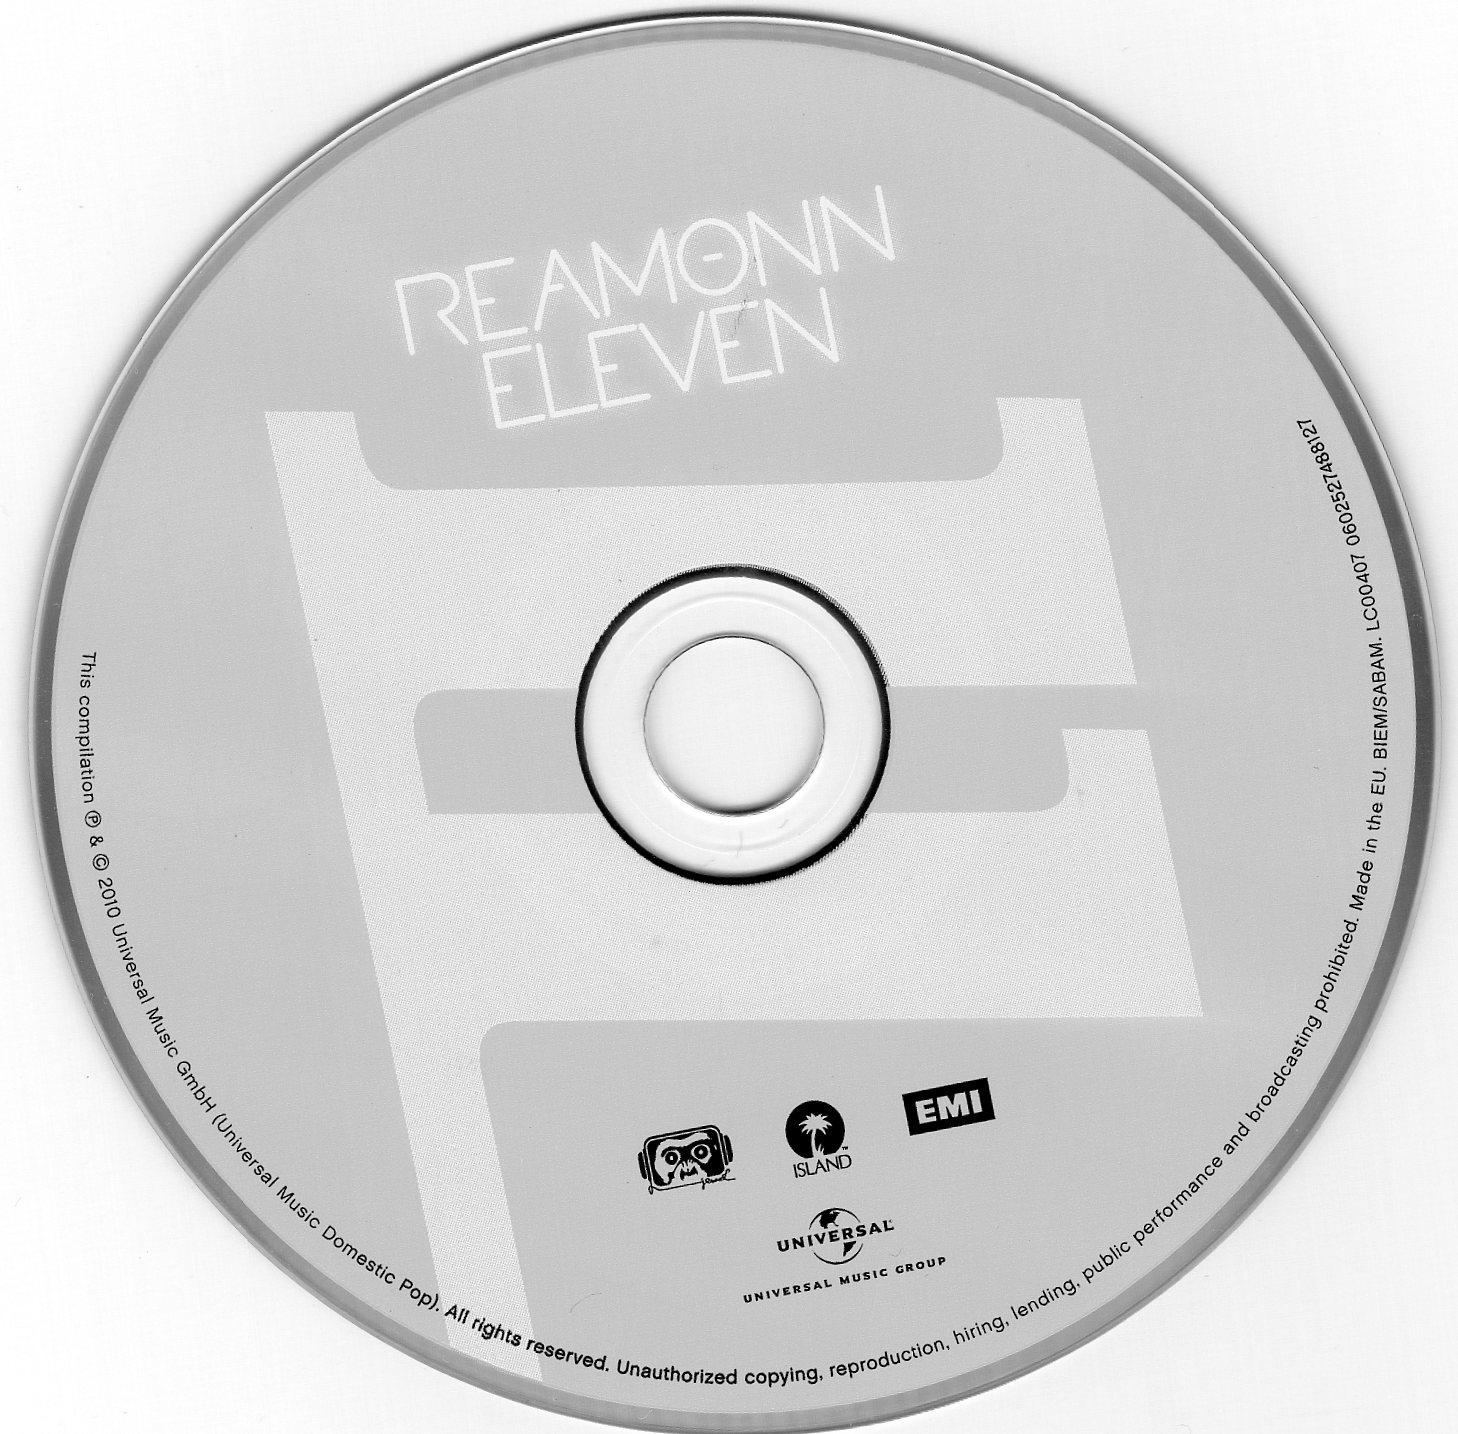 http://4.bp.blogspot.com/-35FRcHkTohg/TjbXy4D3KVI/AAAAAAAACzA/40HGxndcBcA/s1600/09.Reamonn+Eleven.jpg